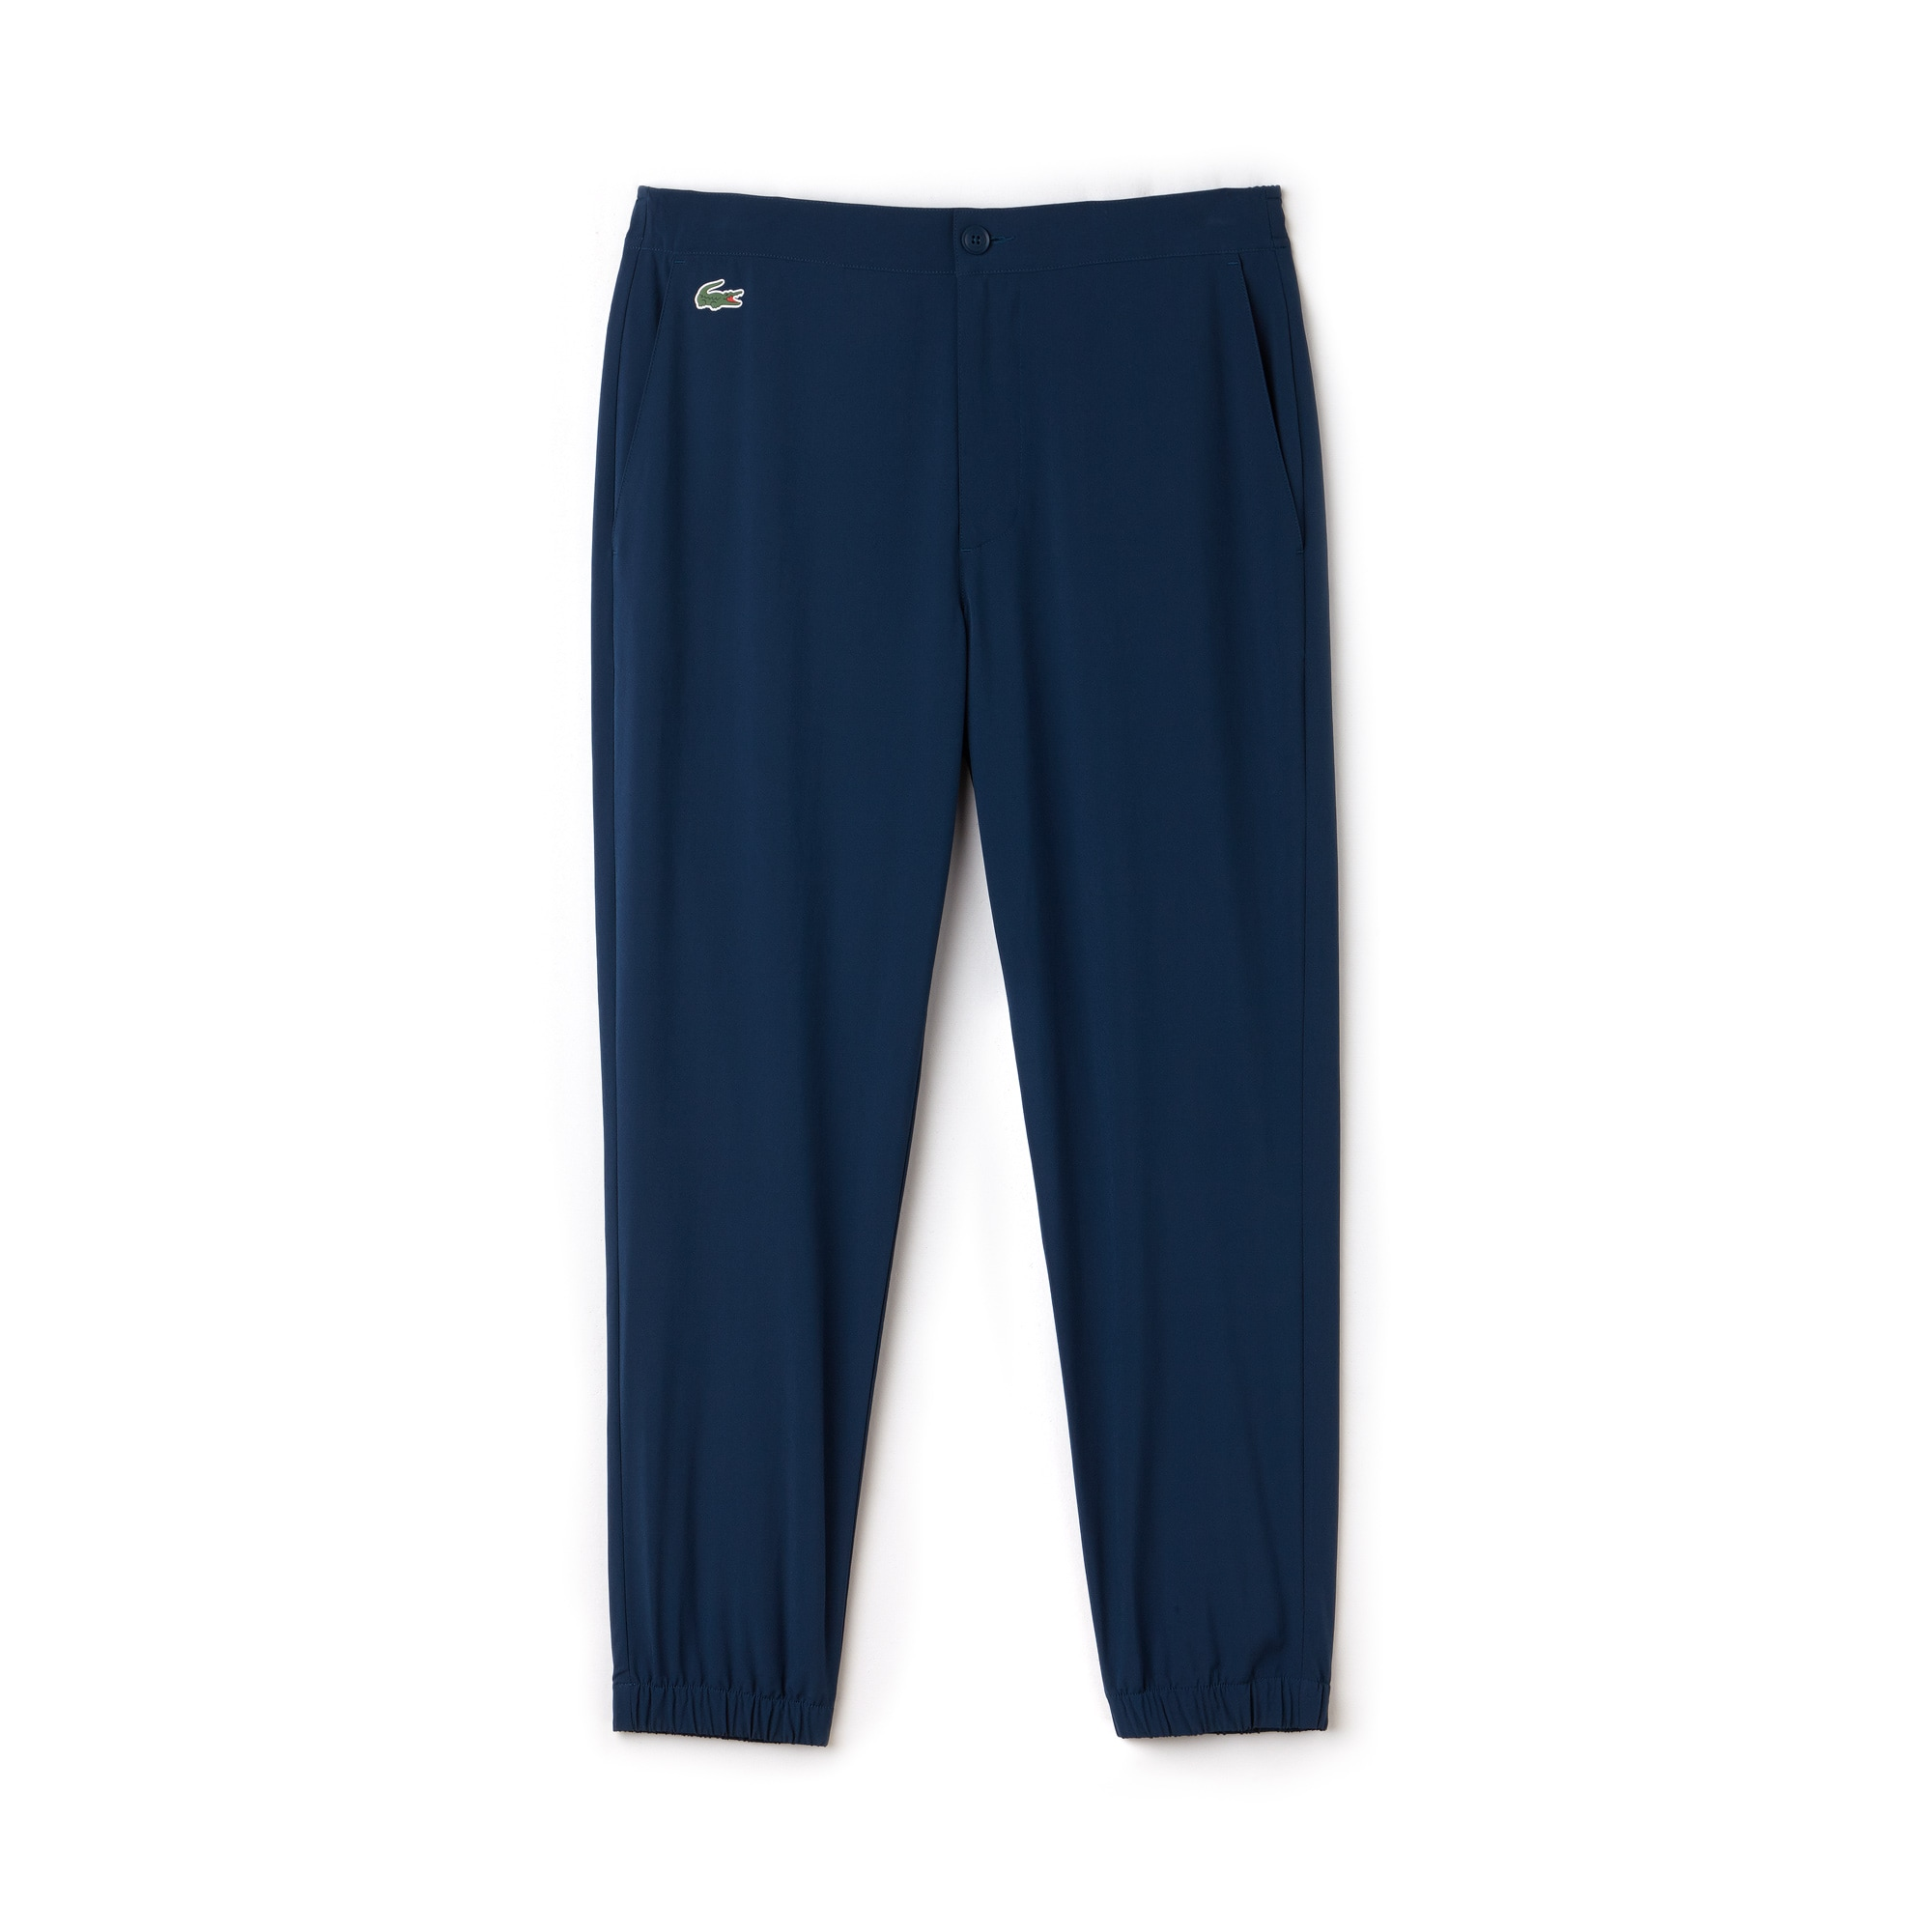 라코스테 스포츠 트랙 팬츠 Lacoste Mens SPORT Stretch Technical Midlayer Trackpants - x Novak Djokovic Off Court Premium Edition,AZURITE